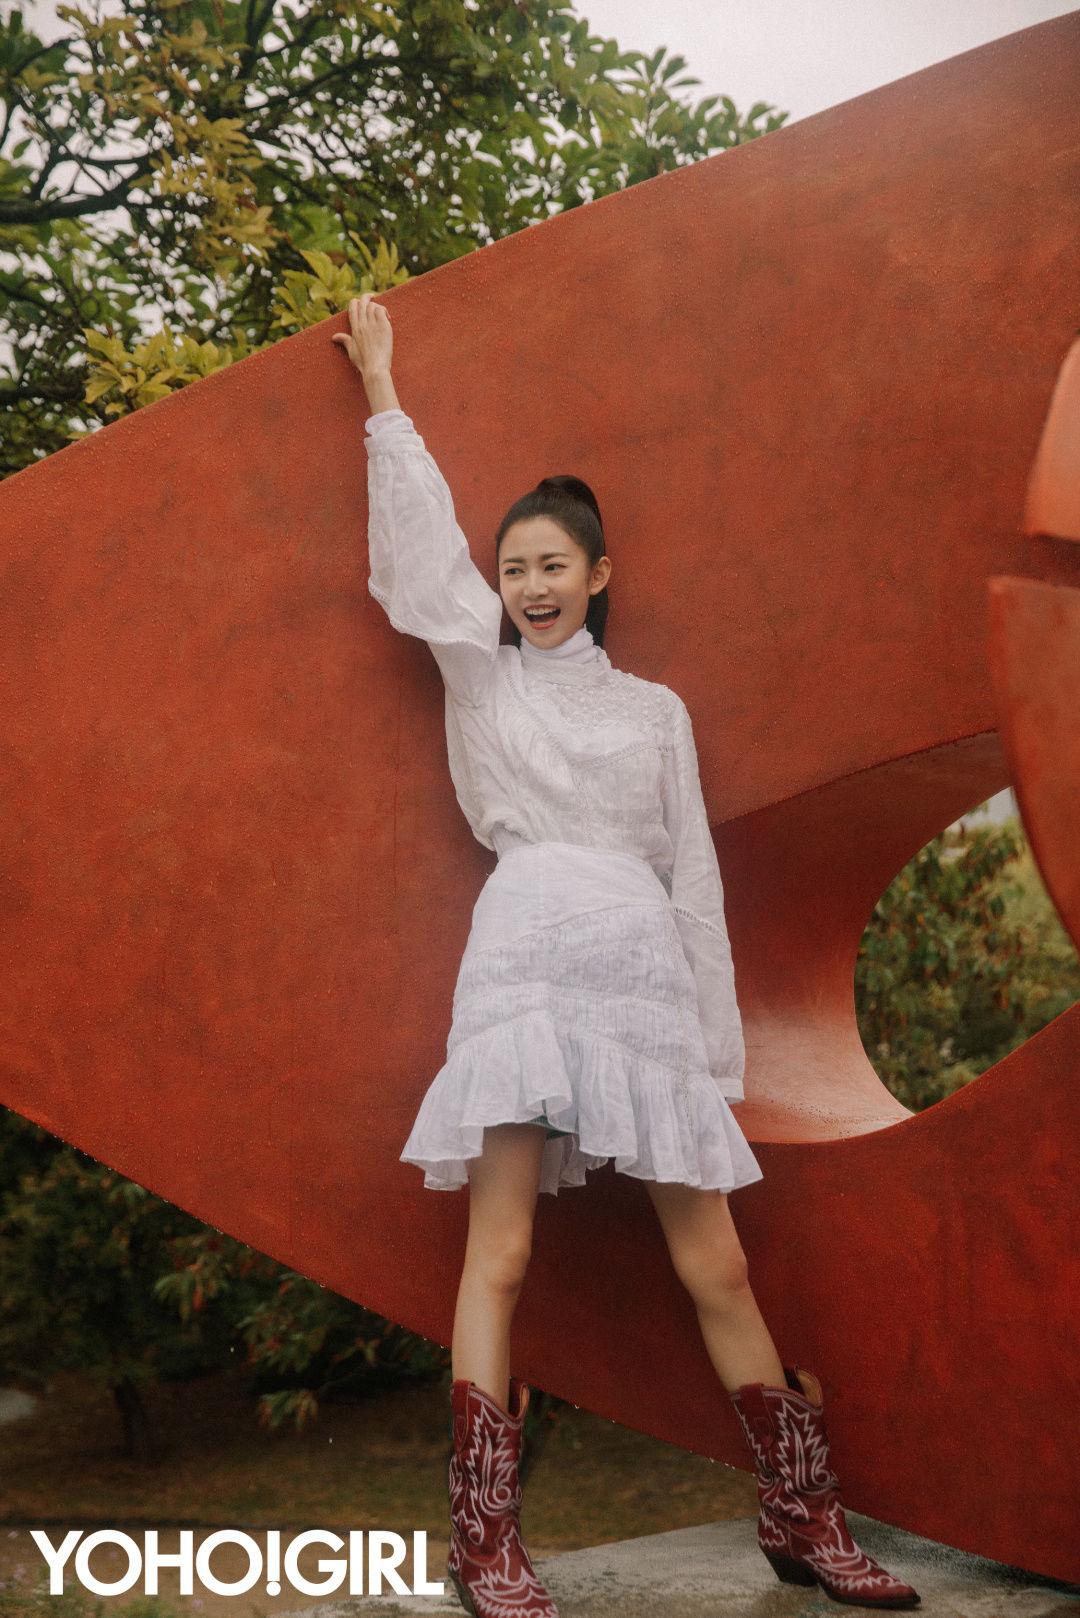 陈钰琪 | 如果我是男生,就会喜欢我这样的女生。